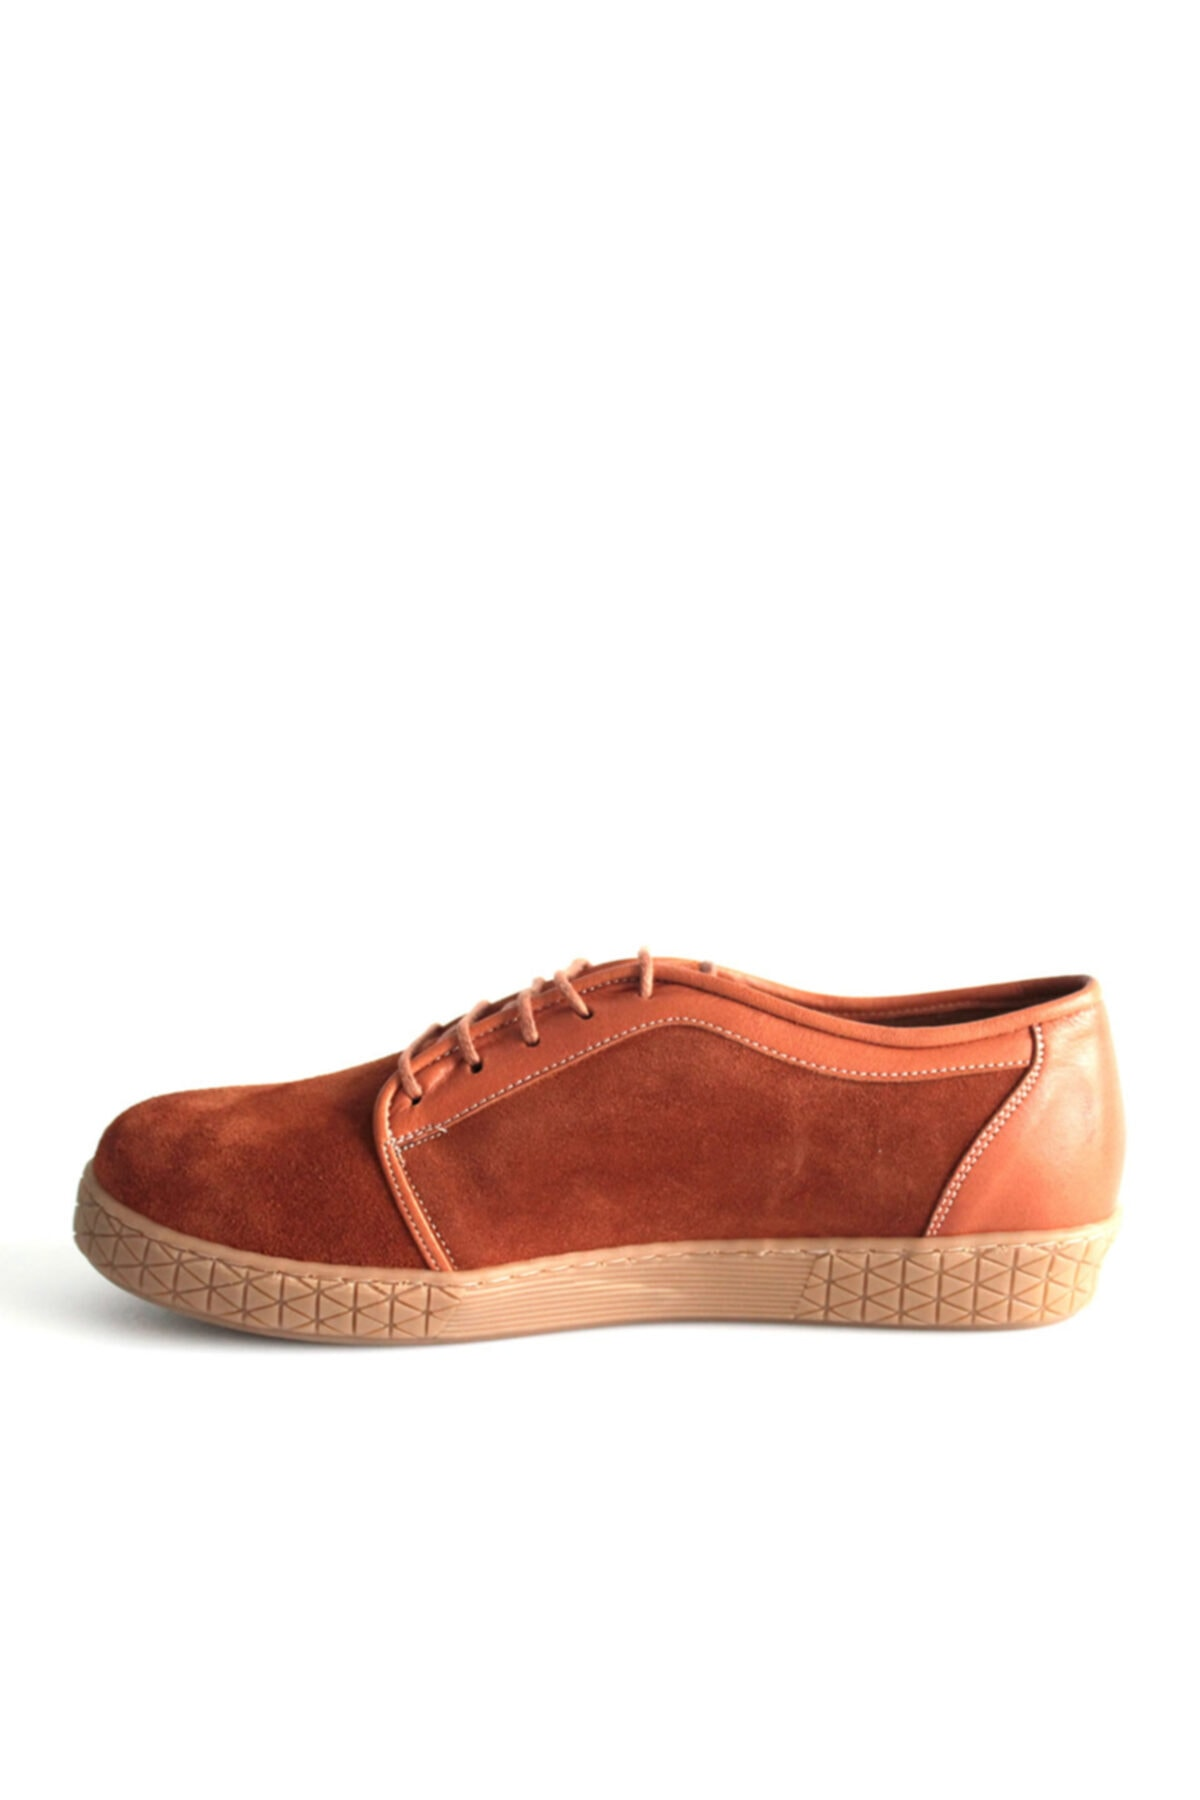 Beta Shoes Günlük Ayakkabı Hakiki Deri Kadın Süet Taba 2